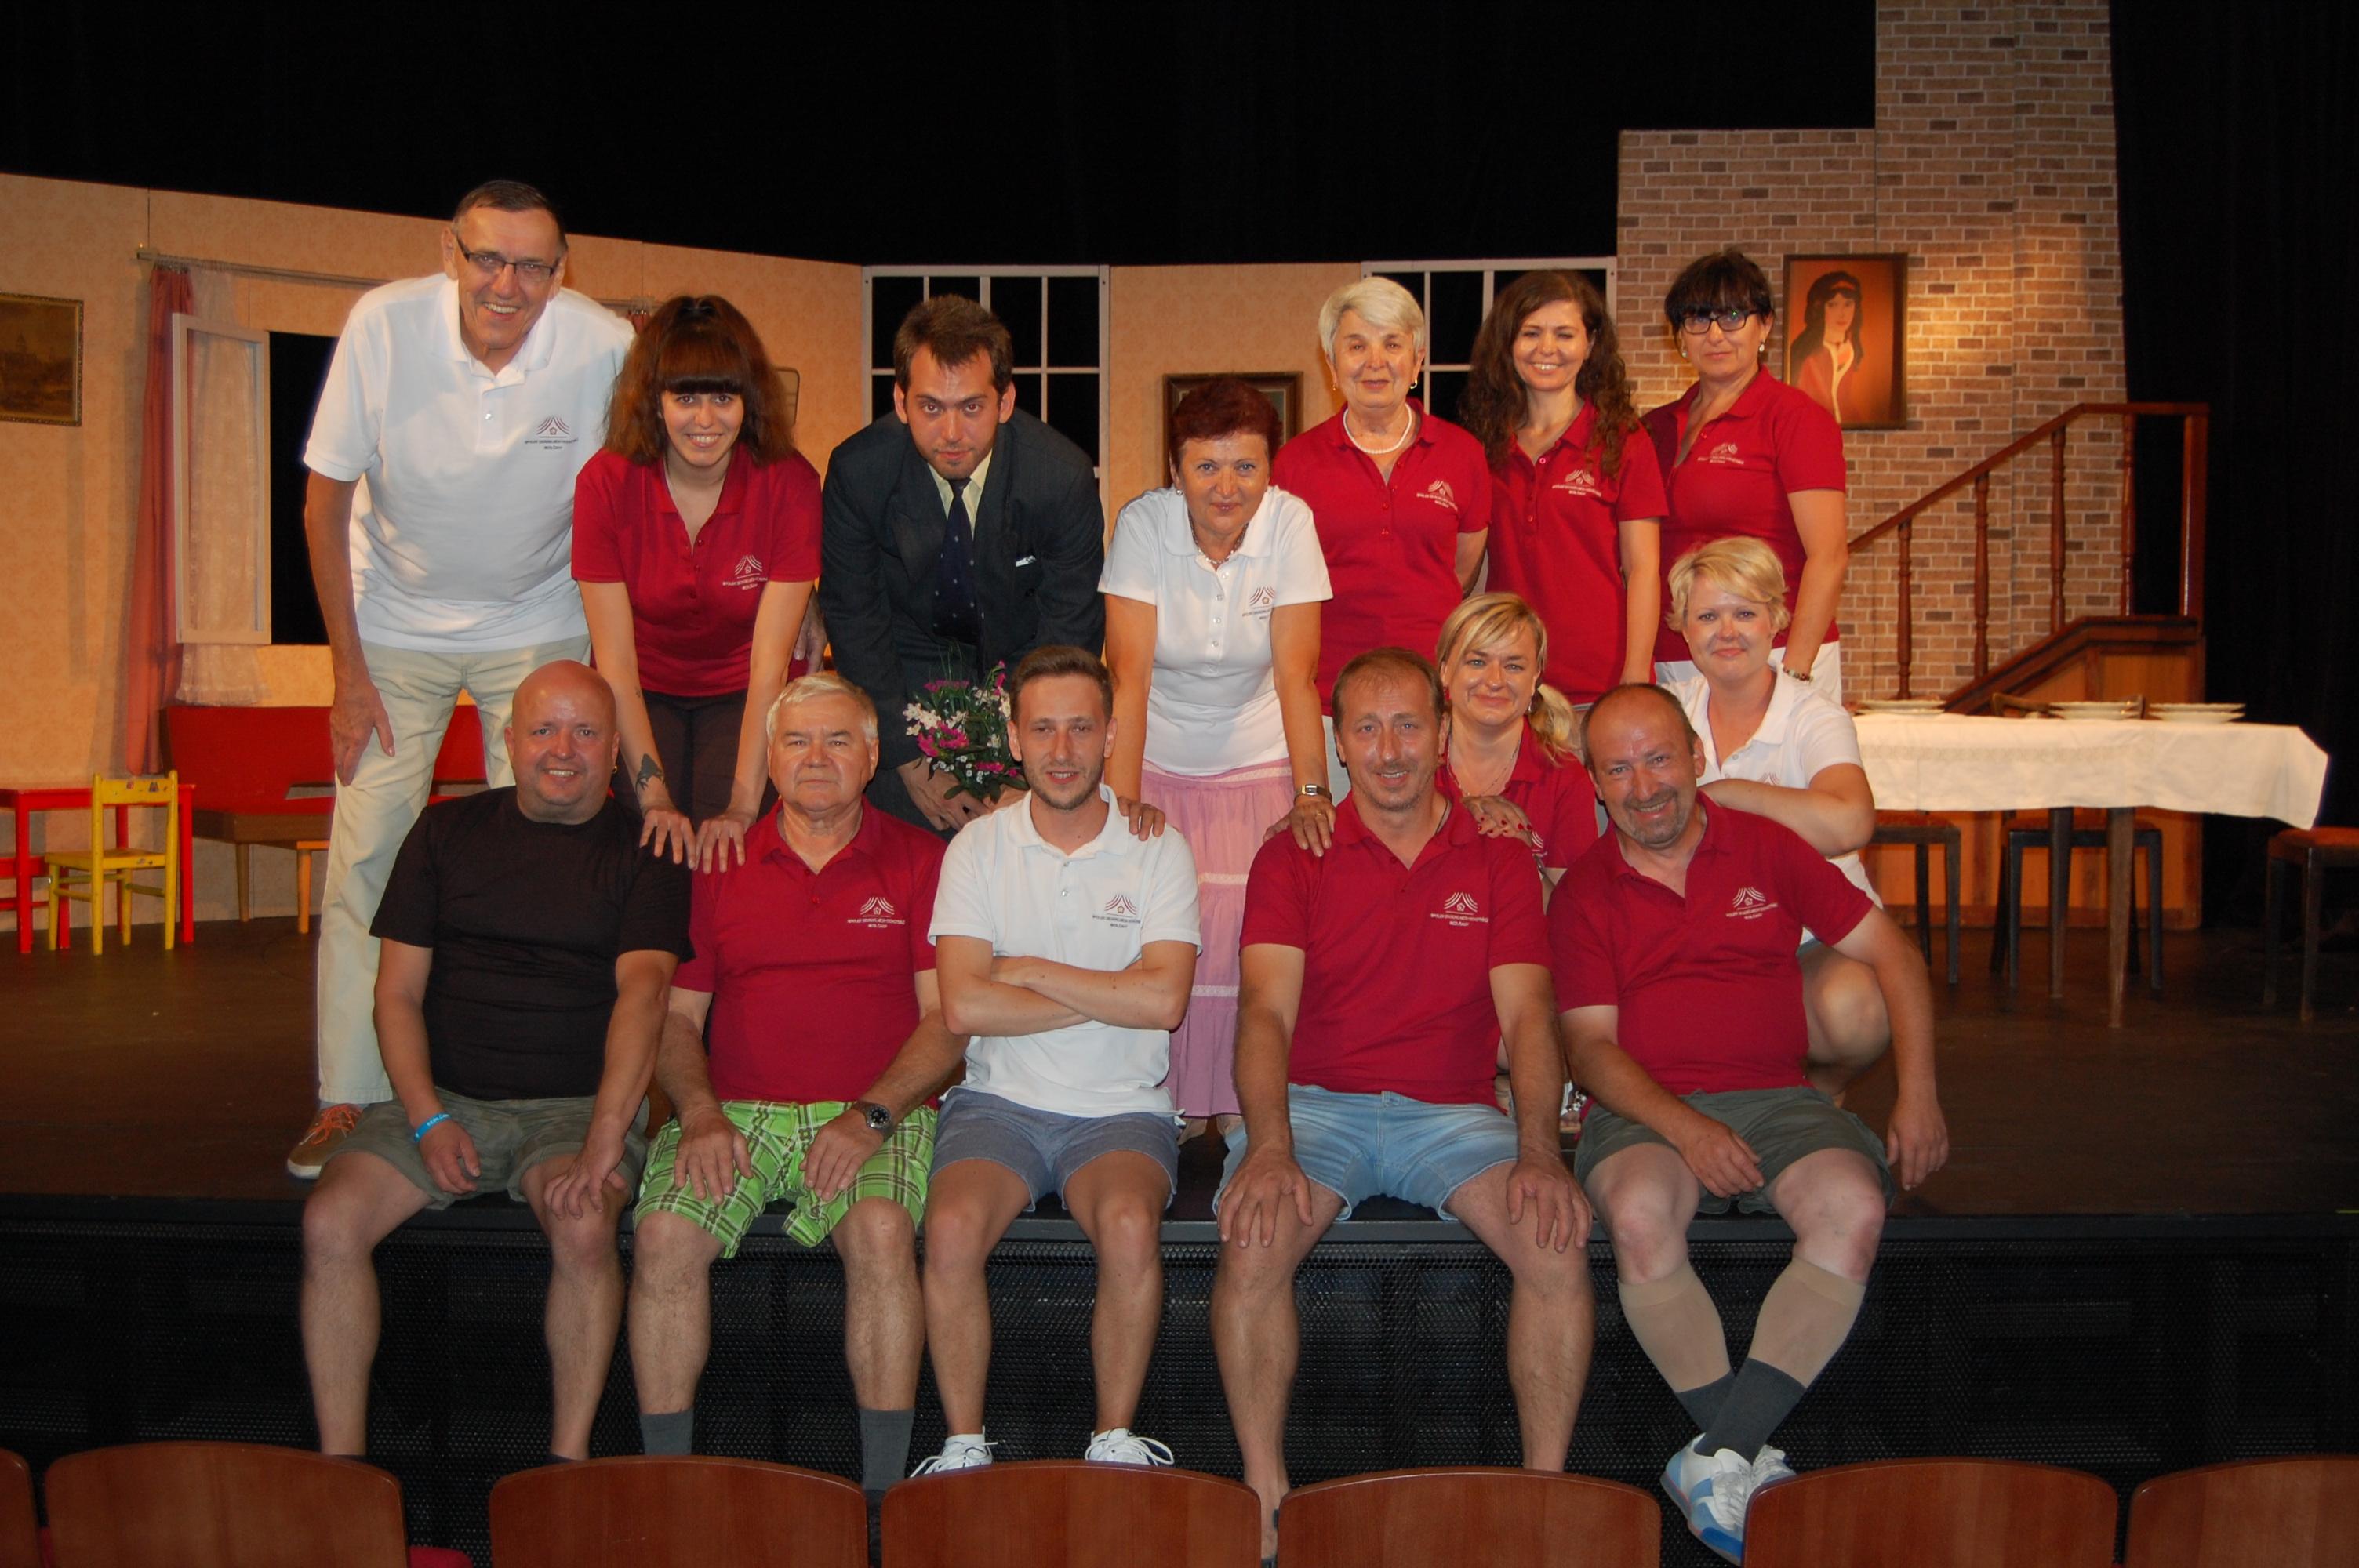 Ochotníci ze Sedlčan vyrazili s představením na turné, dostali se nečekaně i do televize